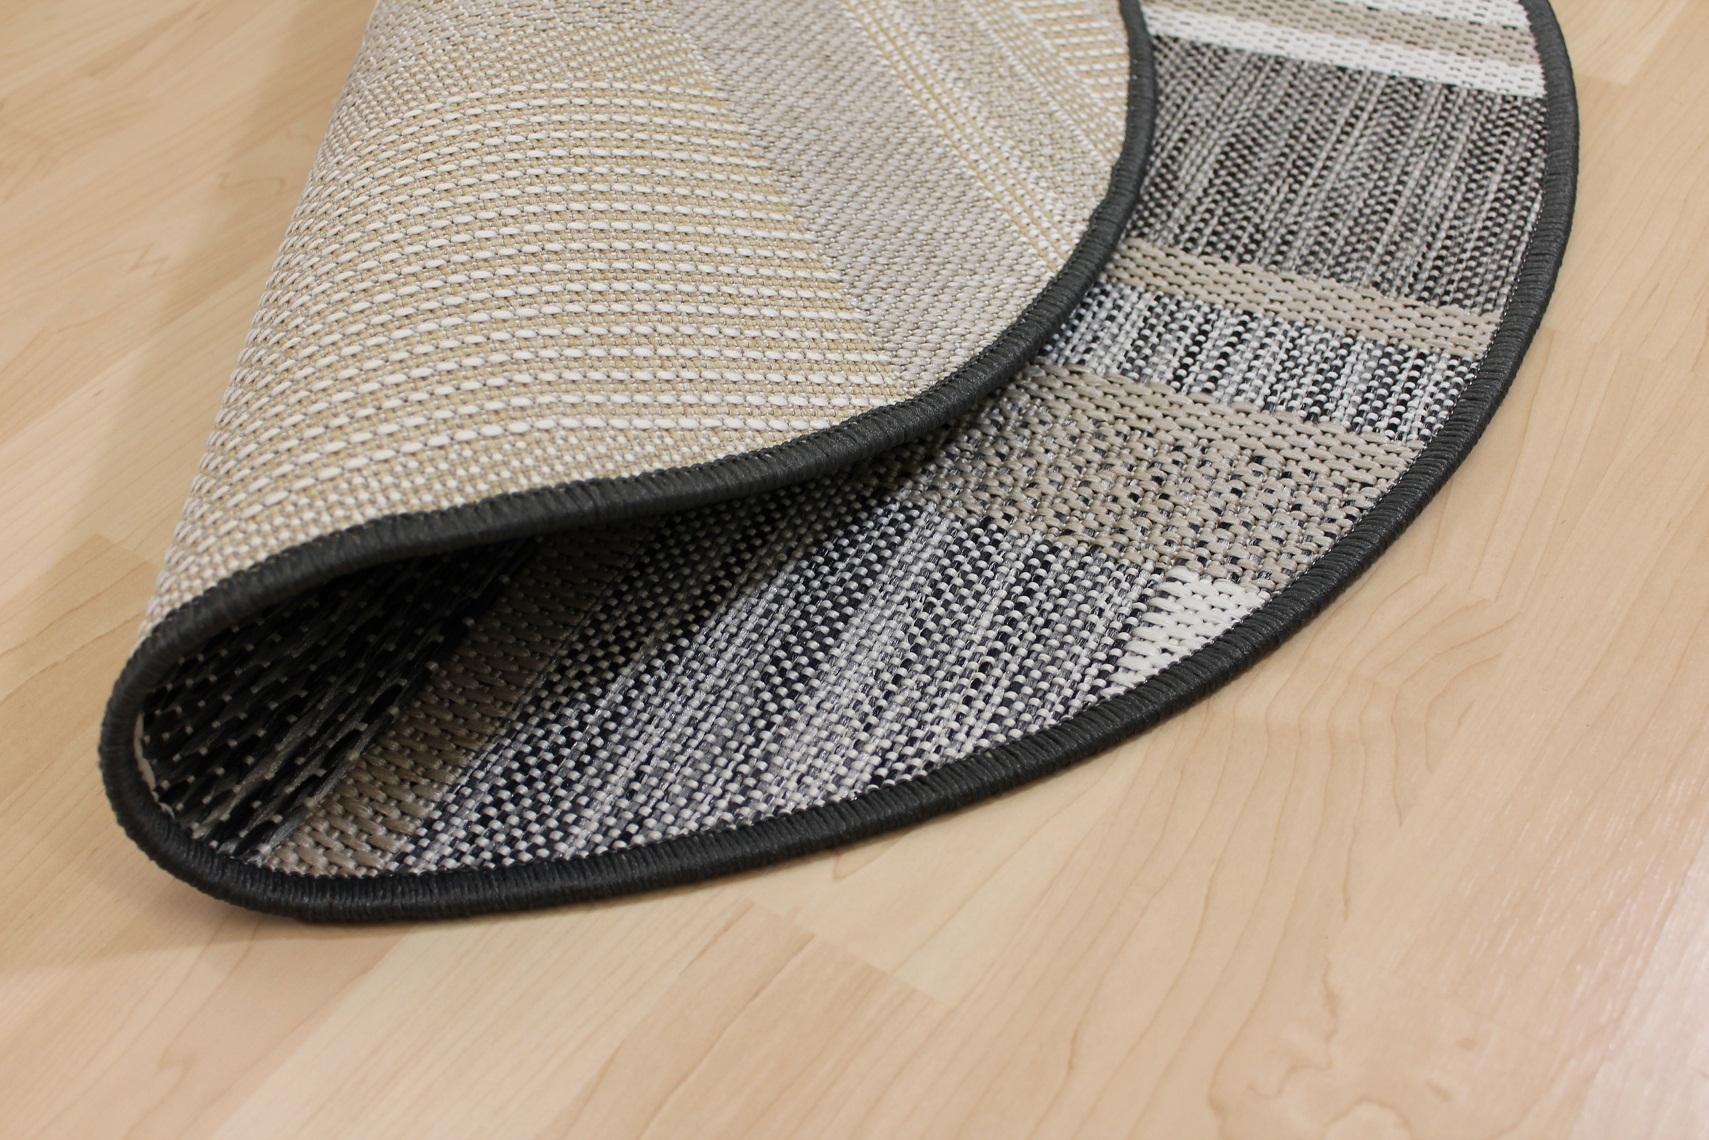 Fußboden Teppich Grau ~ Willkommen bei teppichkiste sisal optik teppich naturino rund